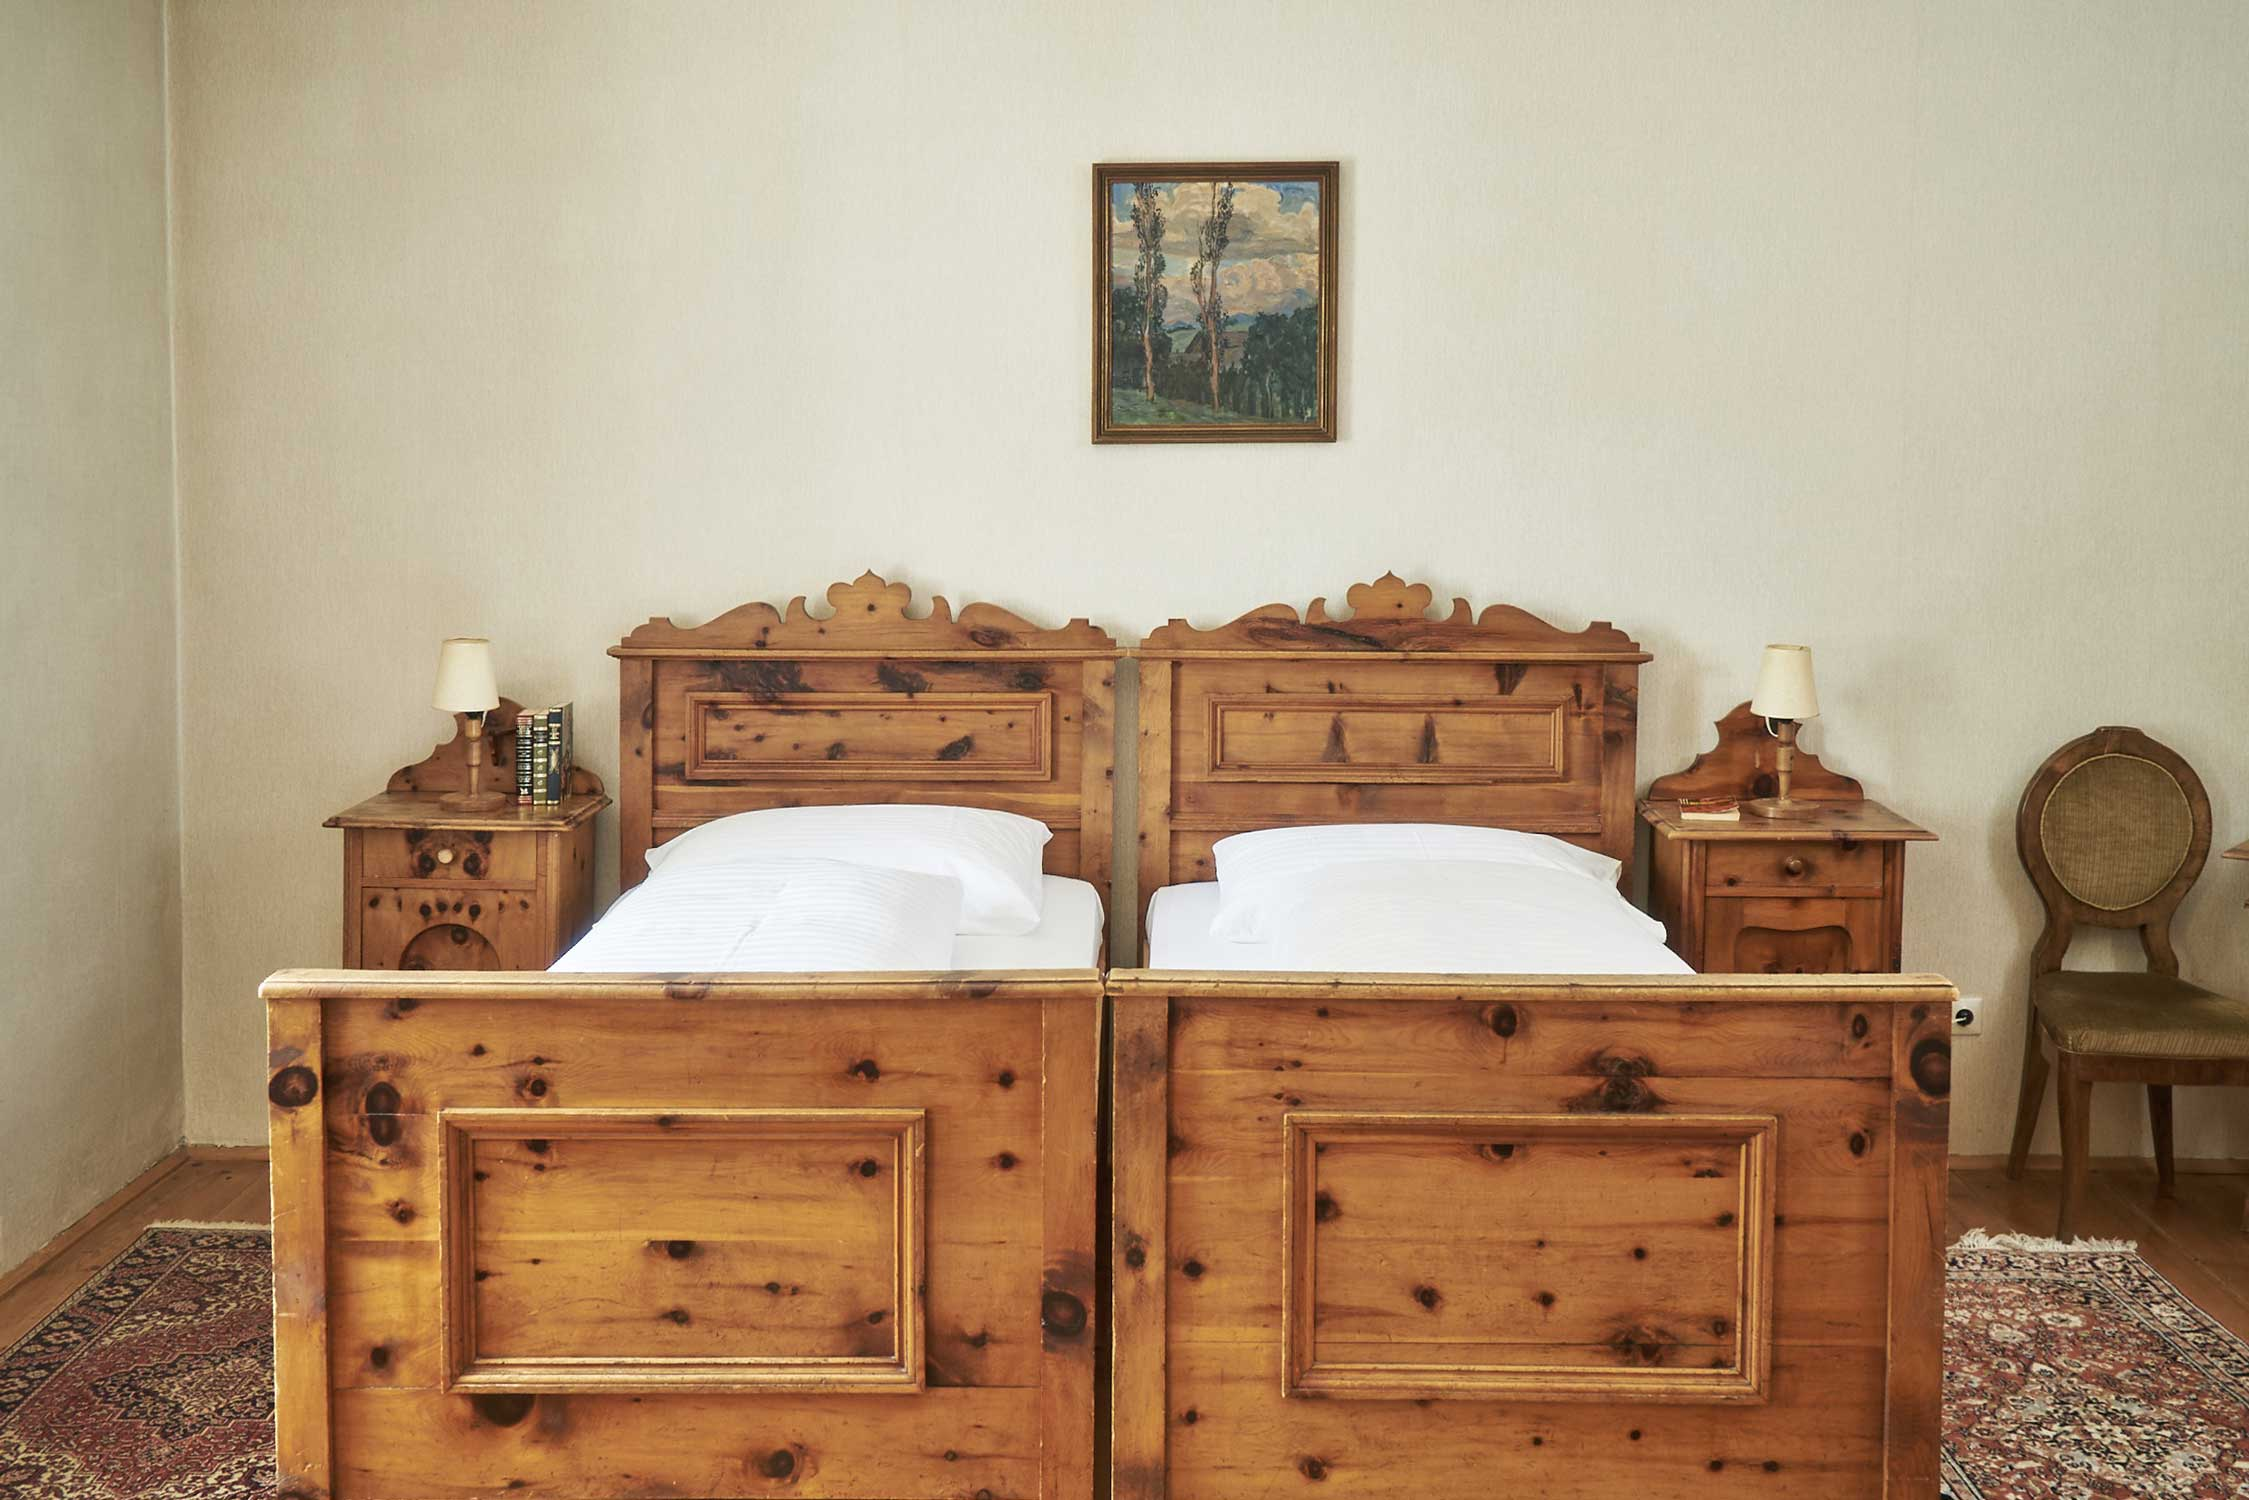 Doppelzimmer mit alten Moebeln